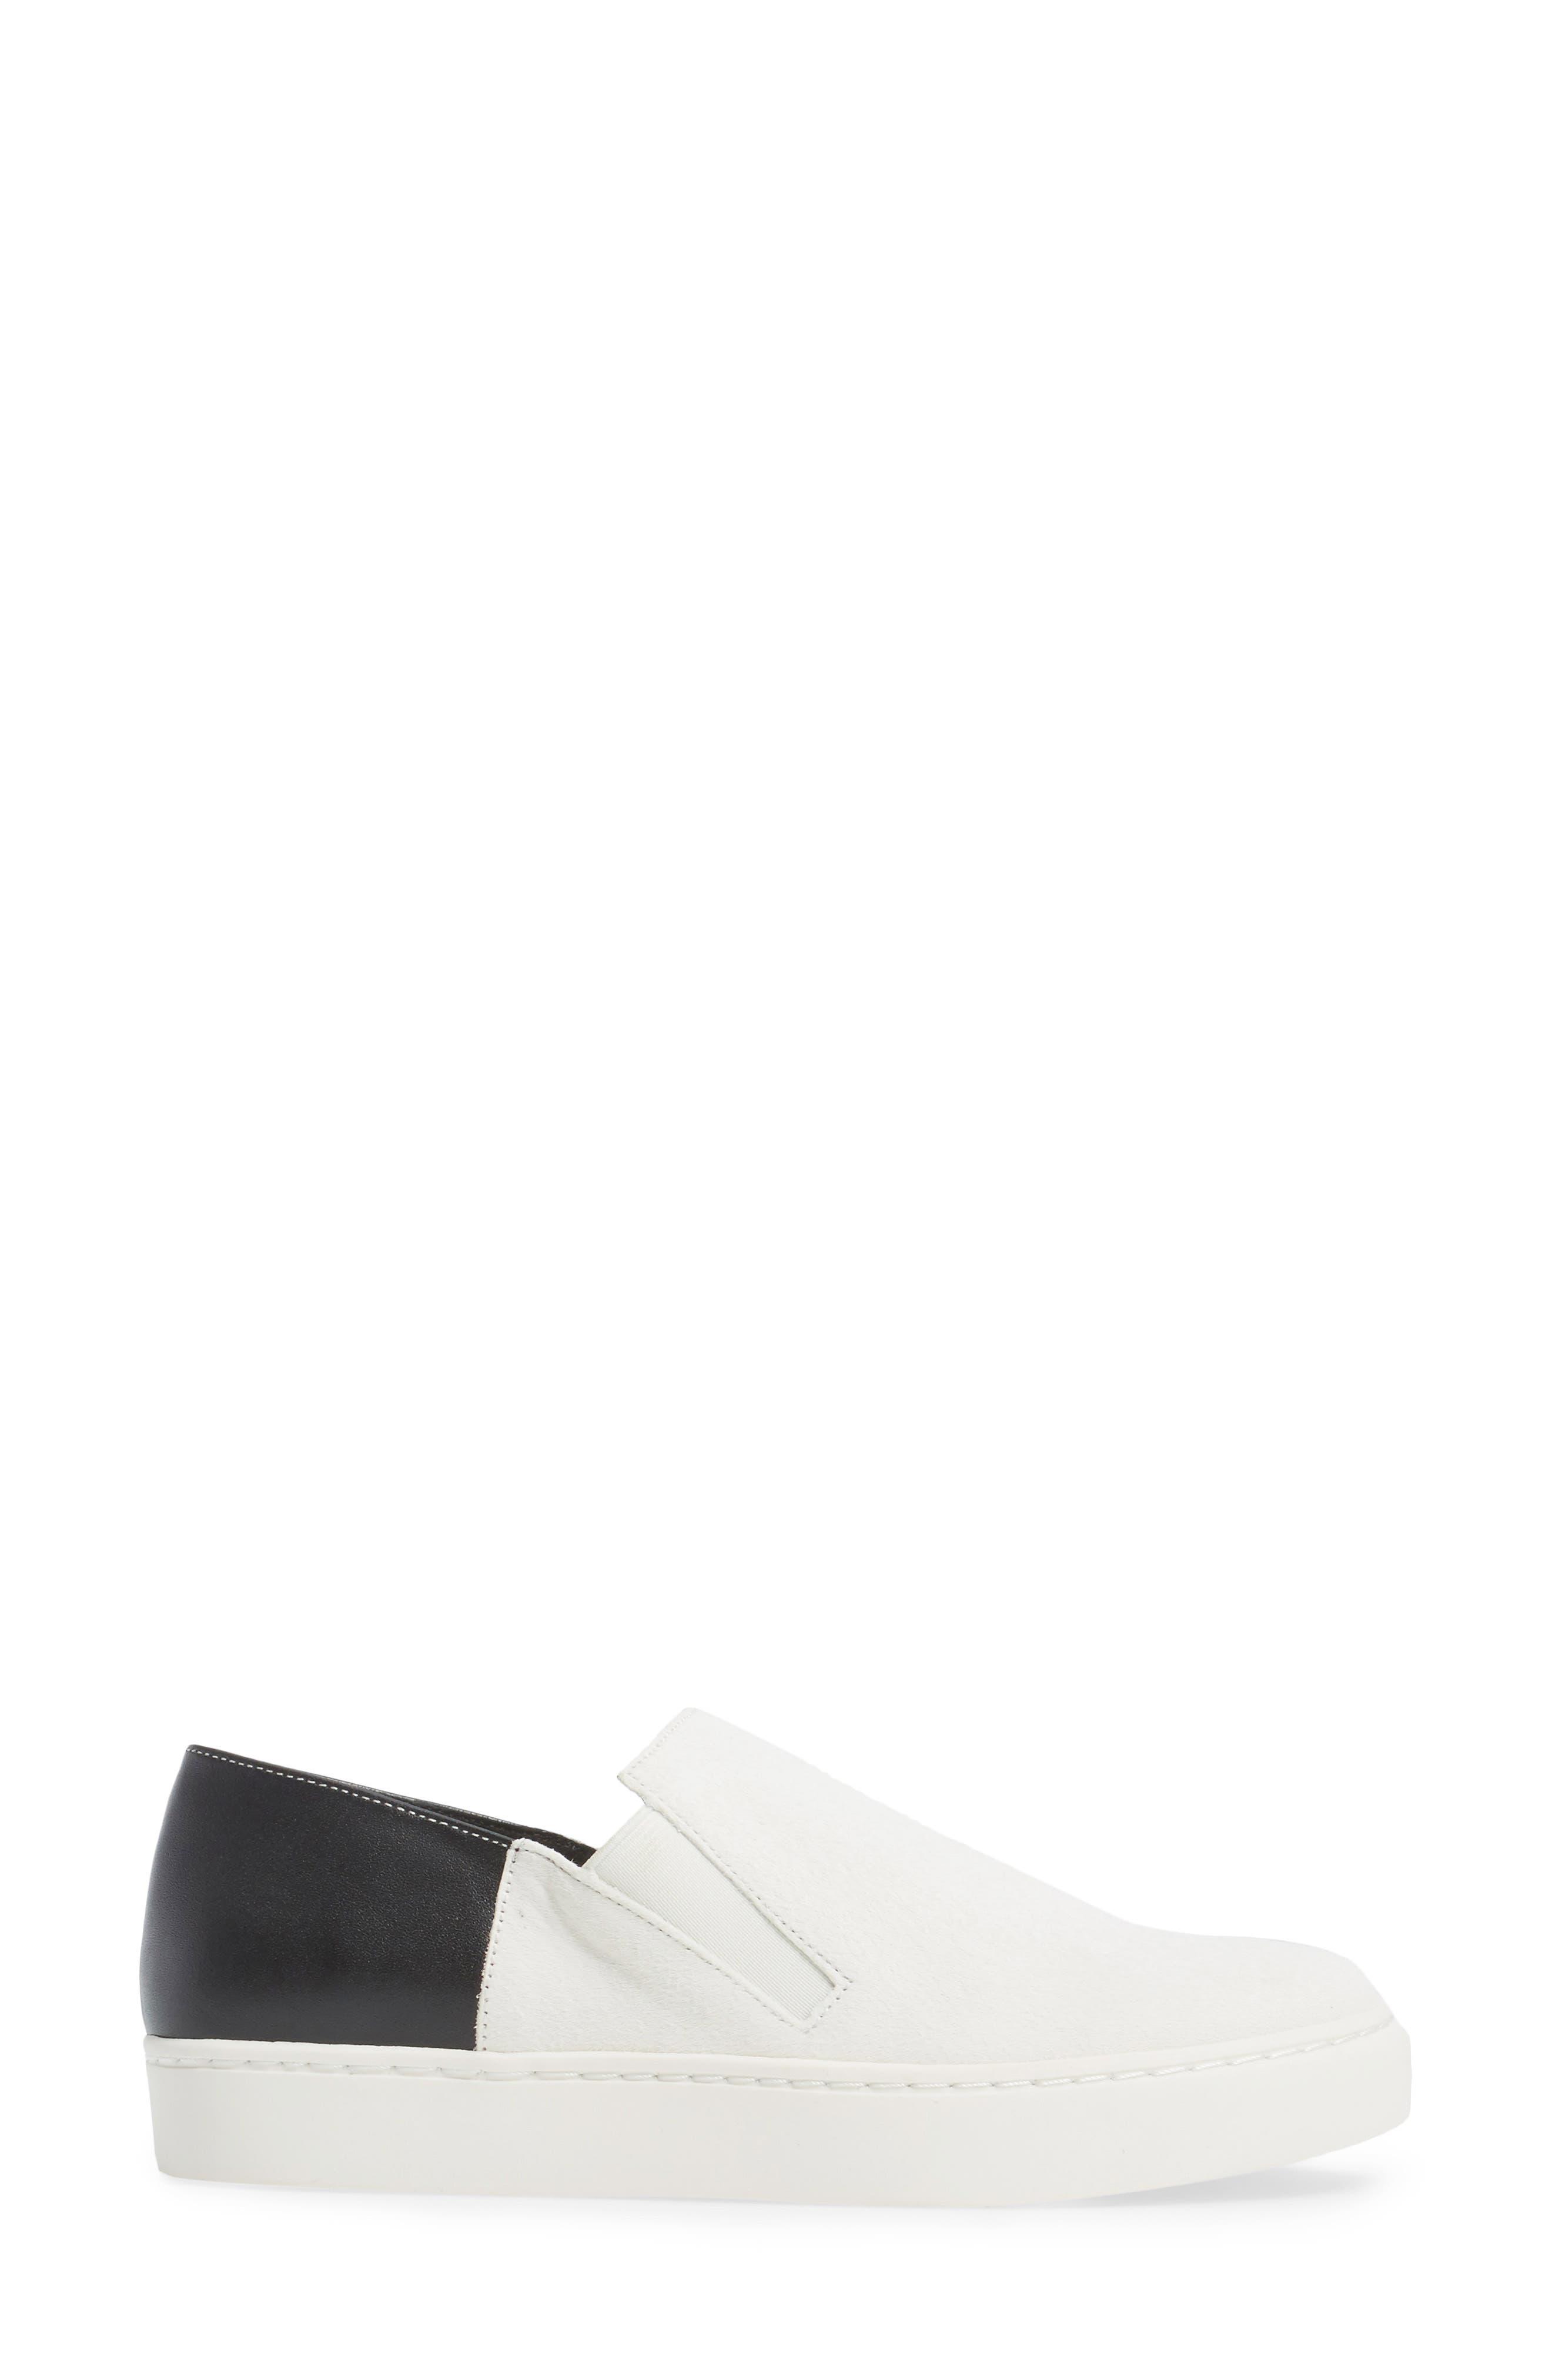 Varsity Slip-On Sneaker,                             Alternate thumbnail 8, color,